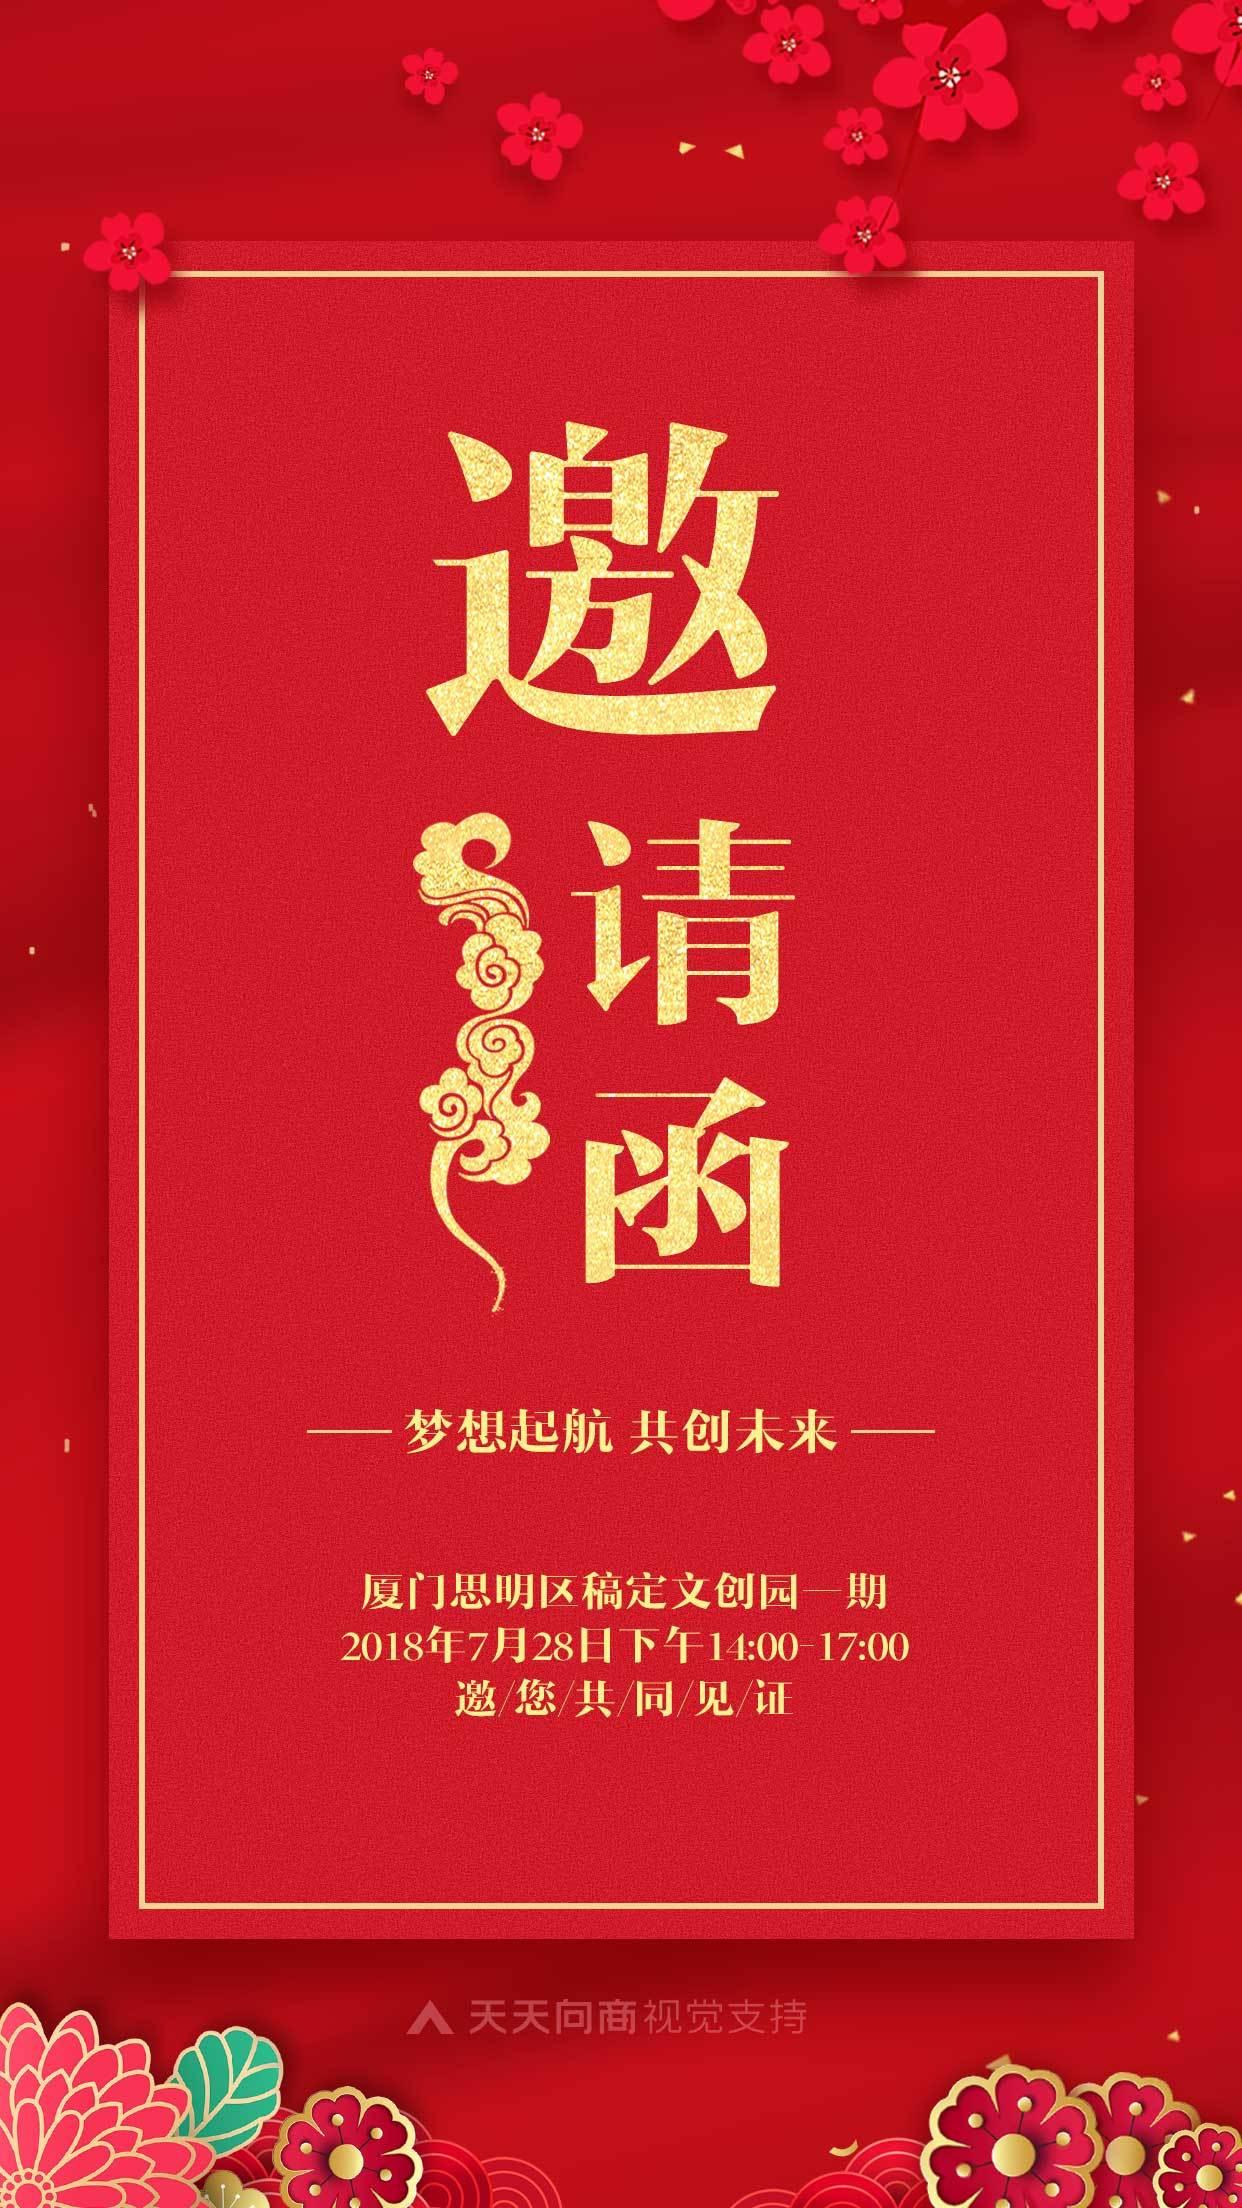 中式传统婚礼邀请函